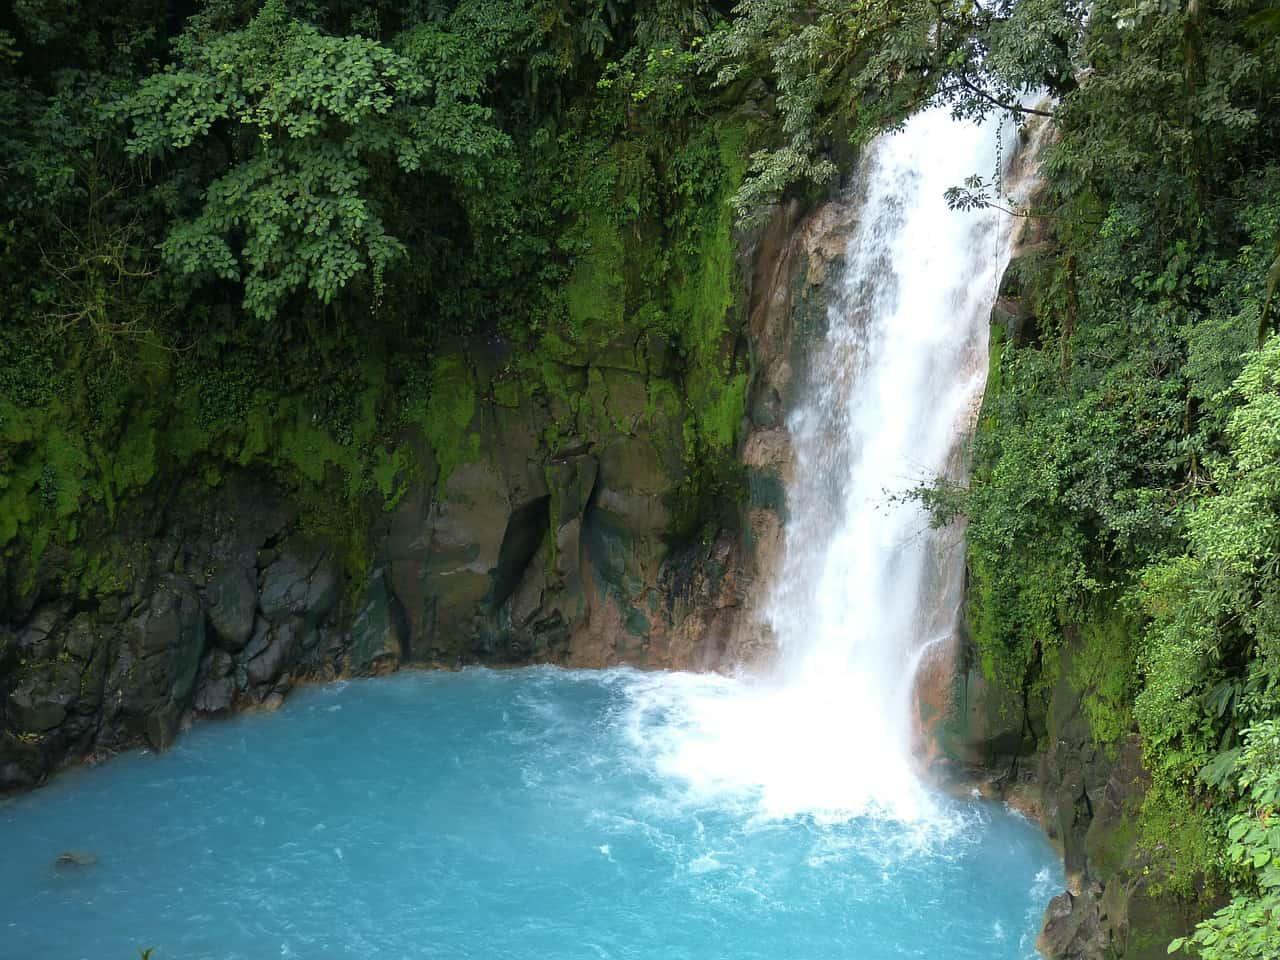 Kokosnuss Insel ein Teuerer Spaß für einen Ausflug in das Paradies